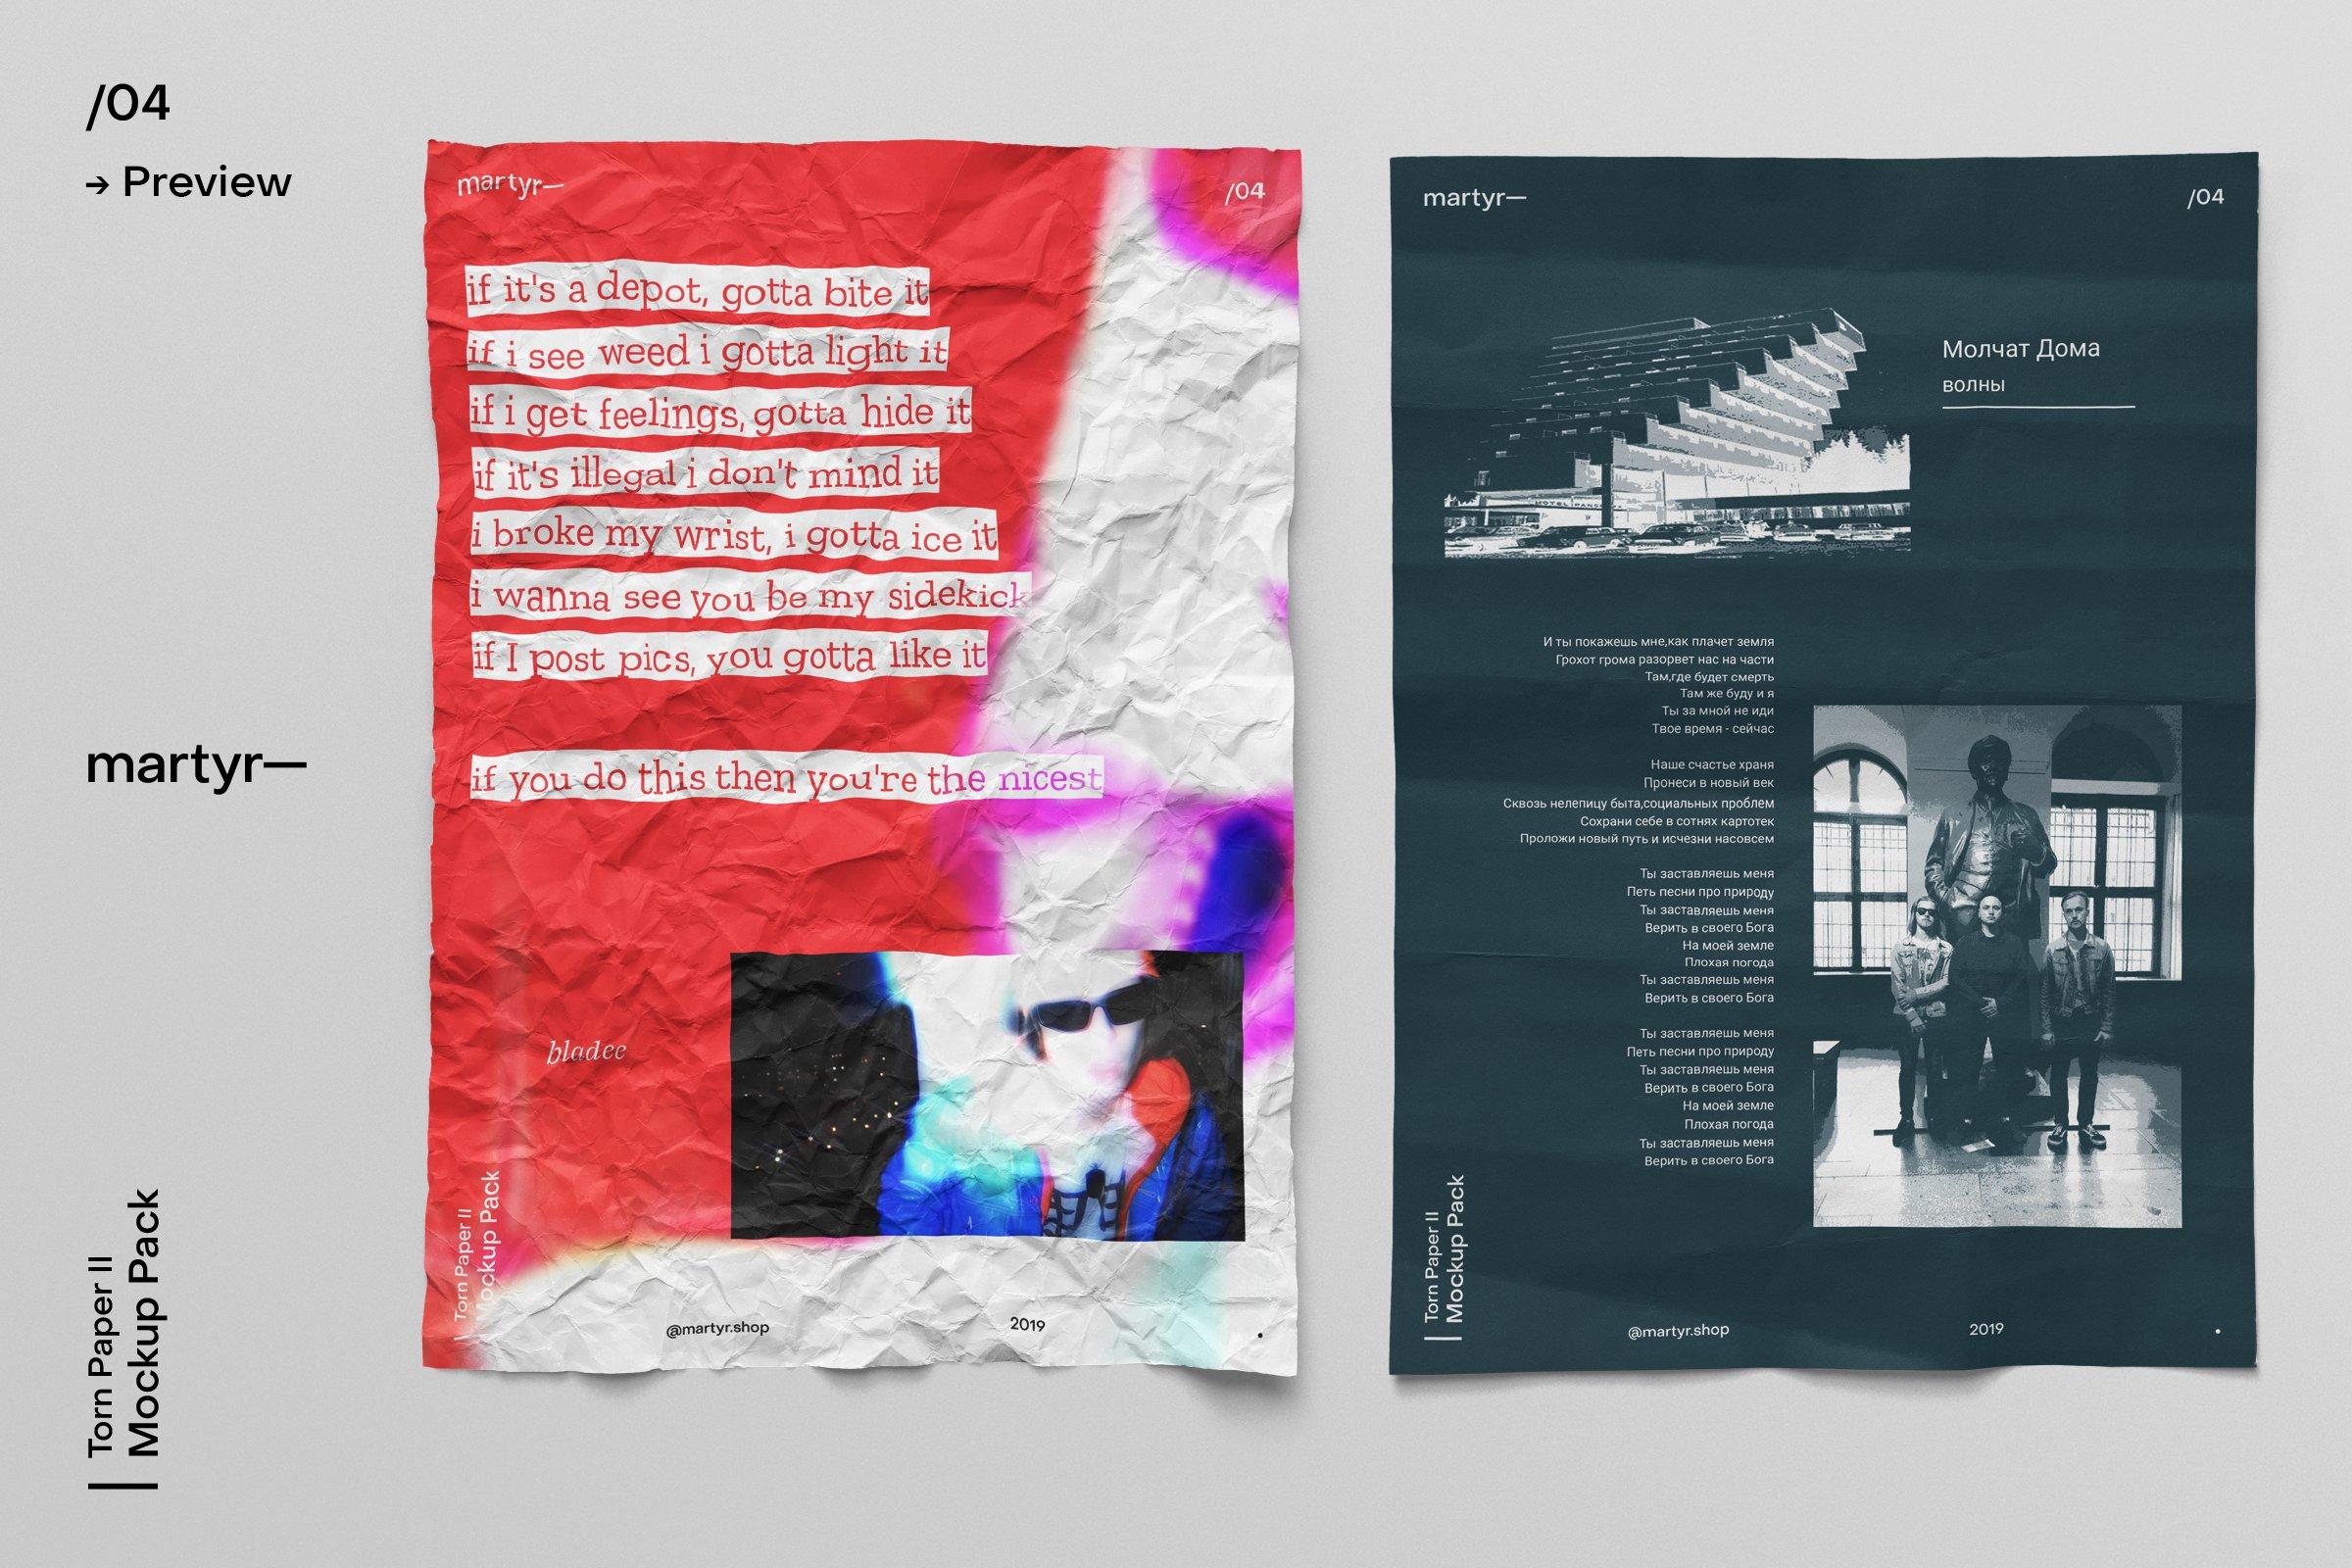 [淘宝购买]32款潮流破损撕裂褶皱A4纸张海报传单设计样机模板 Torn Paper II — Mockup Pack插图(16)